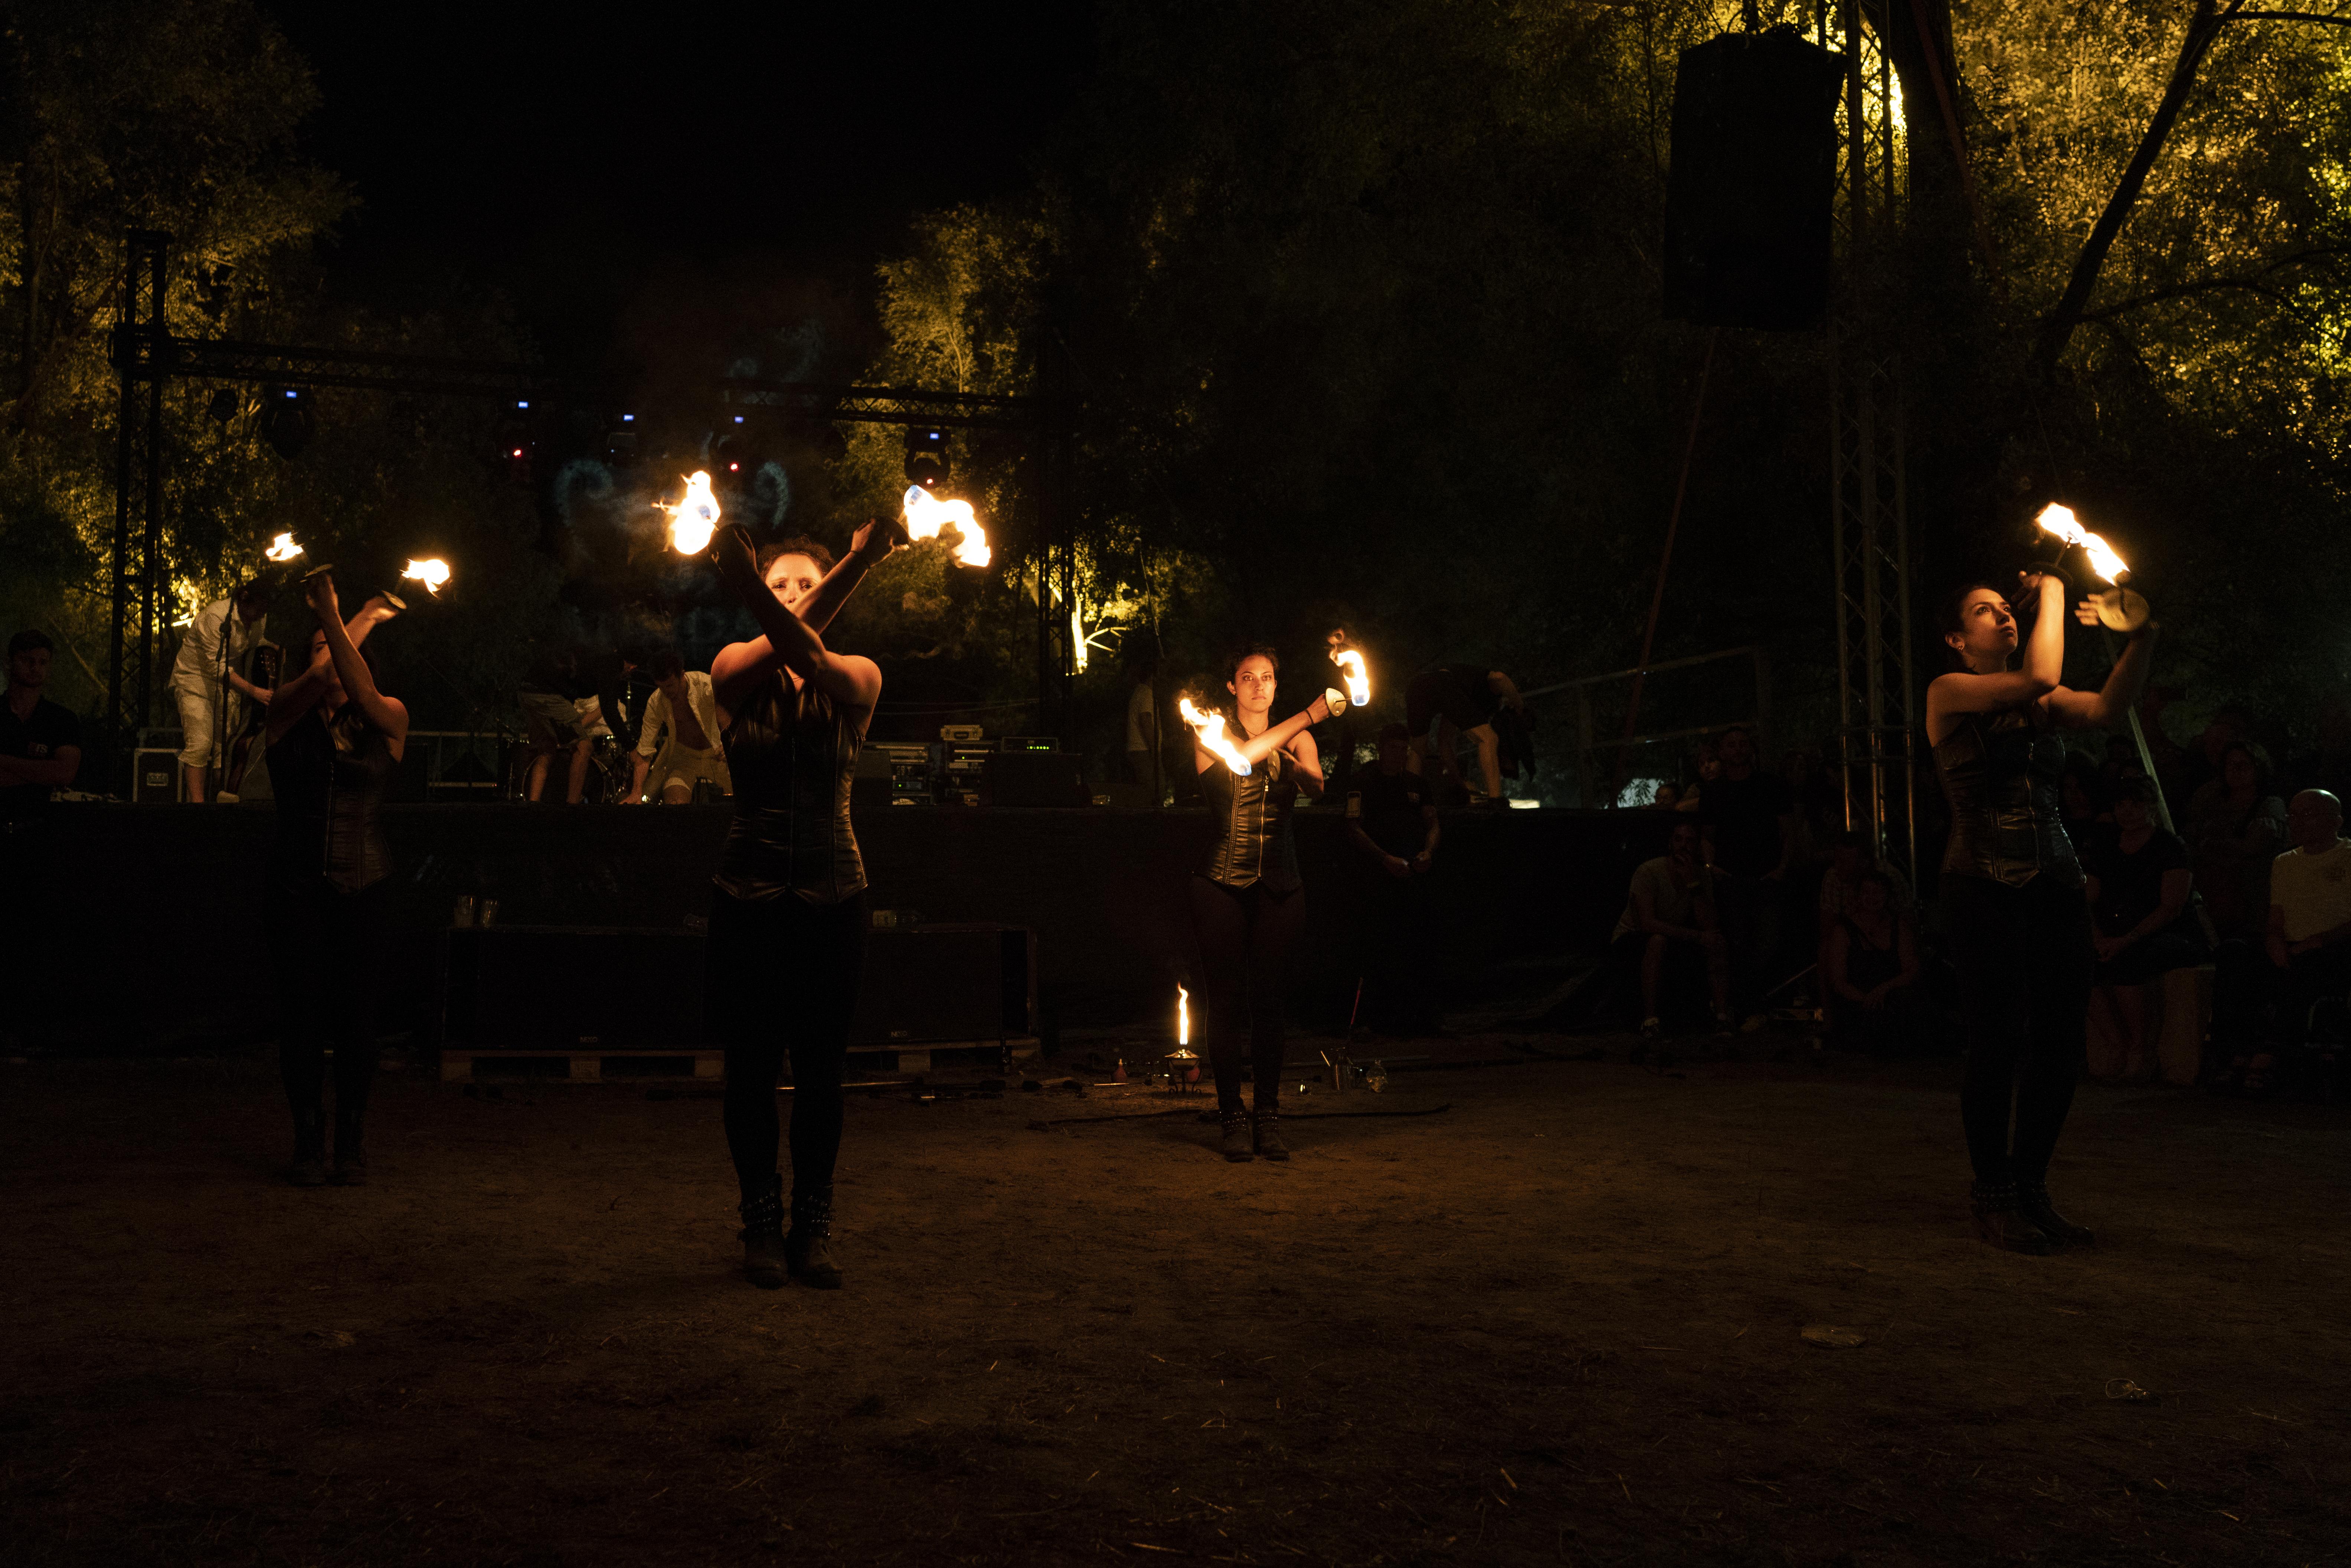 strie fire show - padova